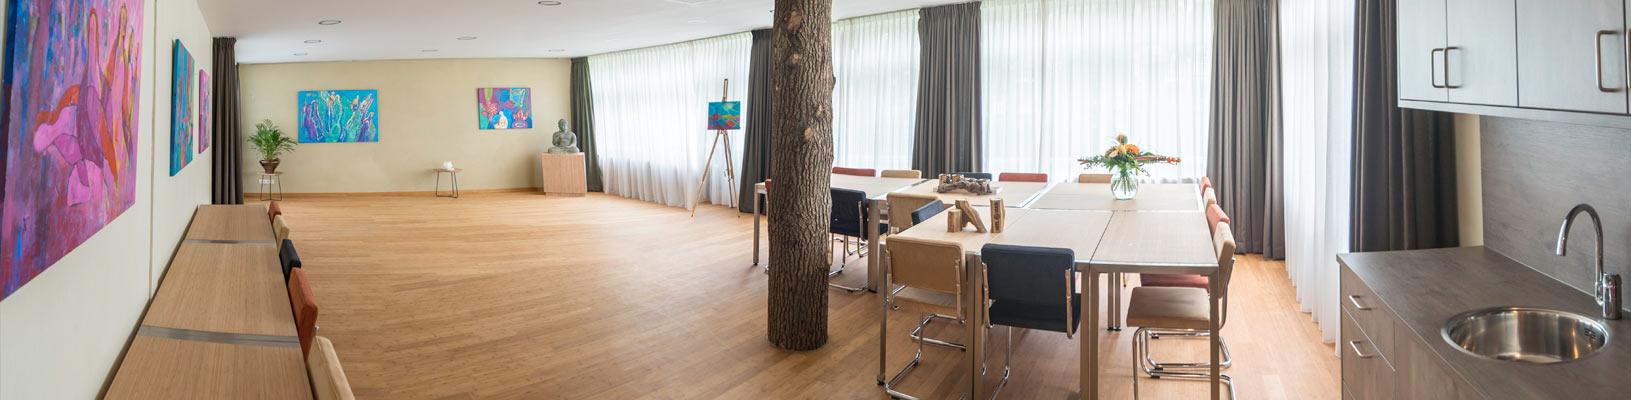 Vitale Workshops & Trainingen HeelHuus Gezondheidscentrum Warnsveld Zutphen